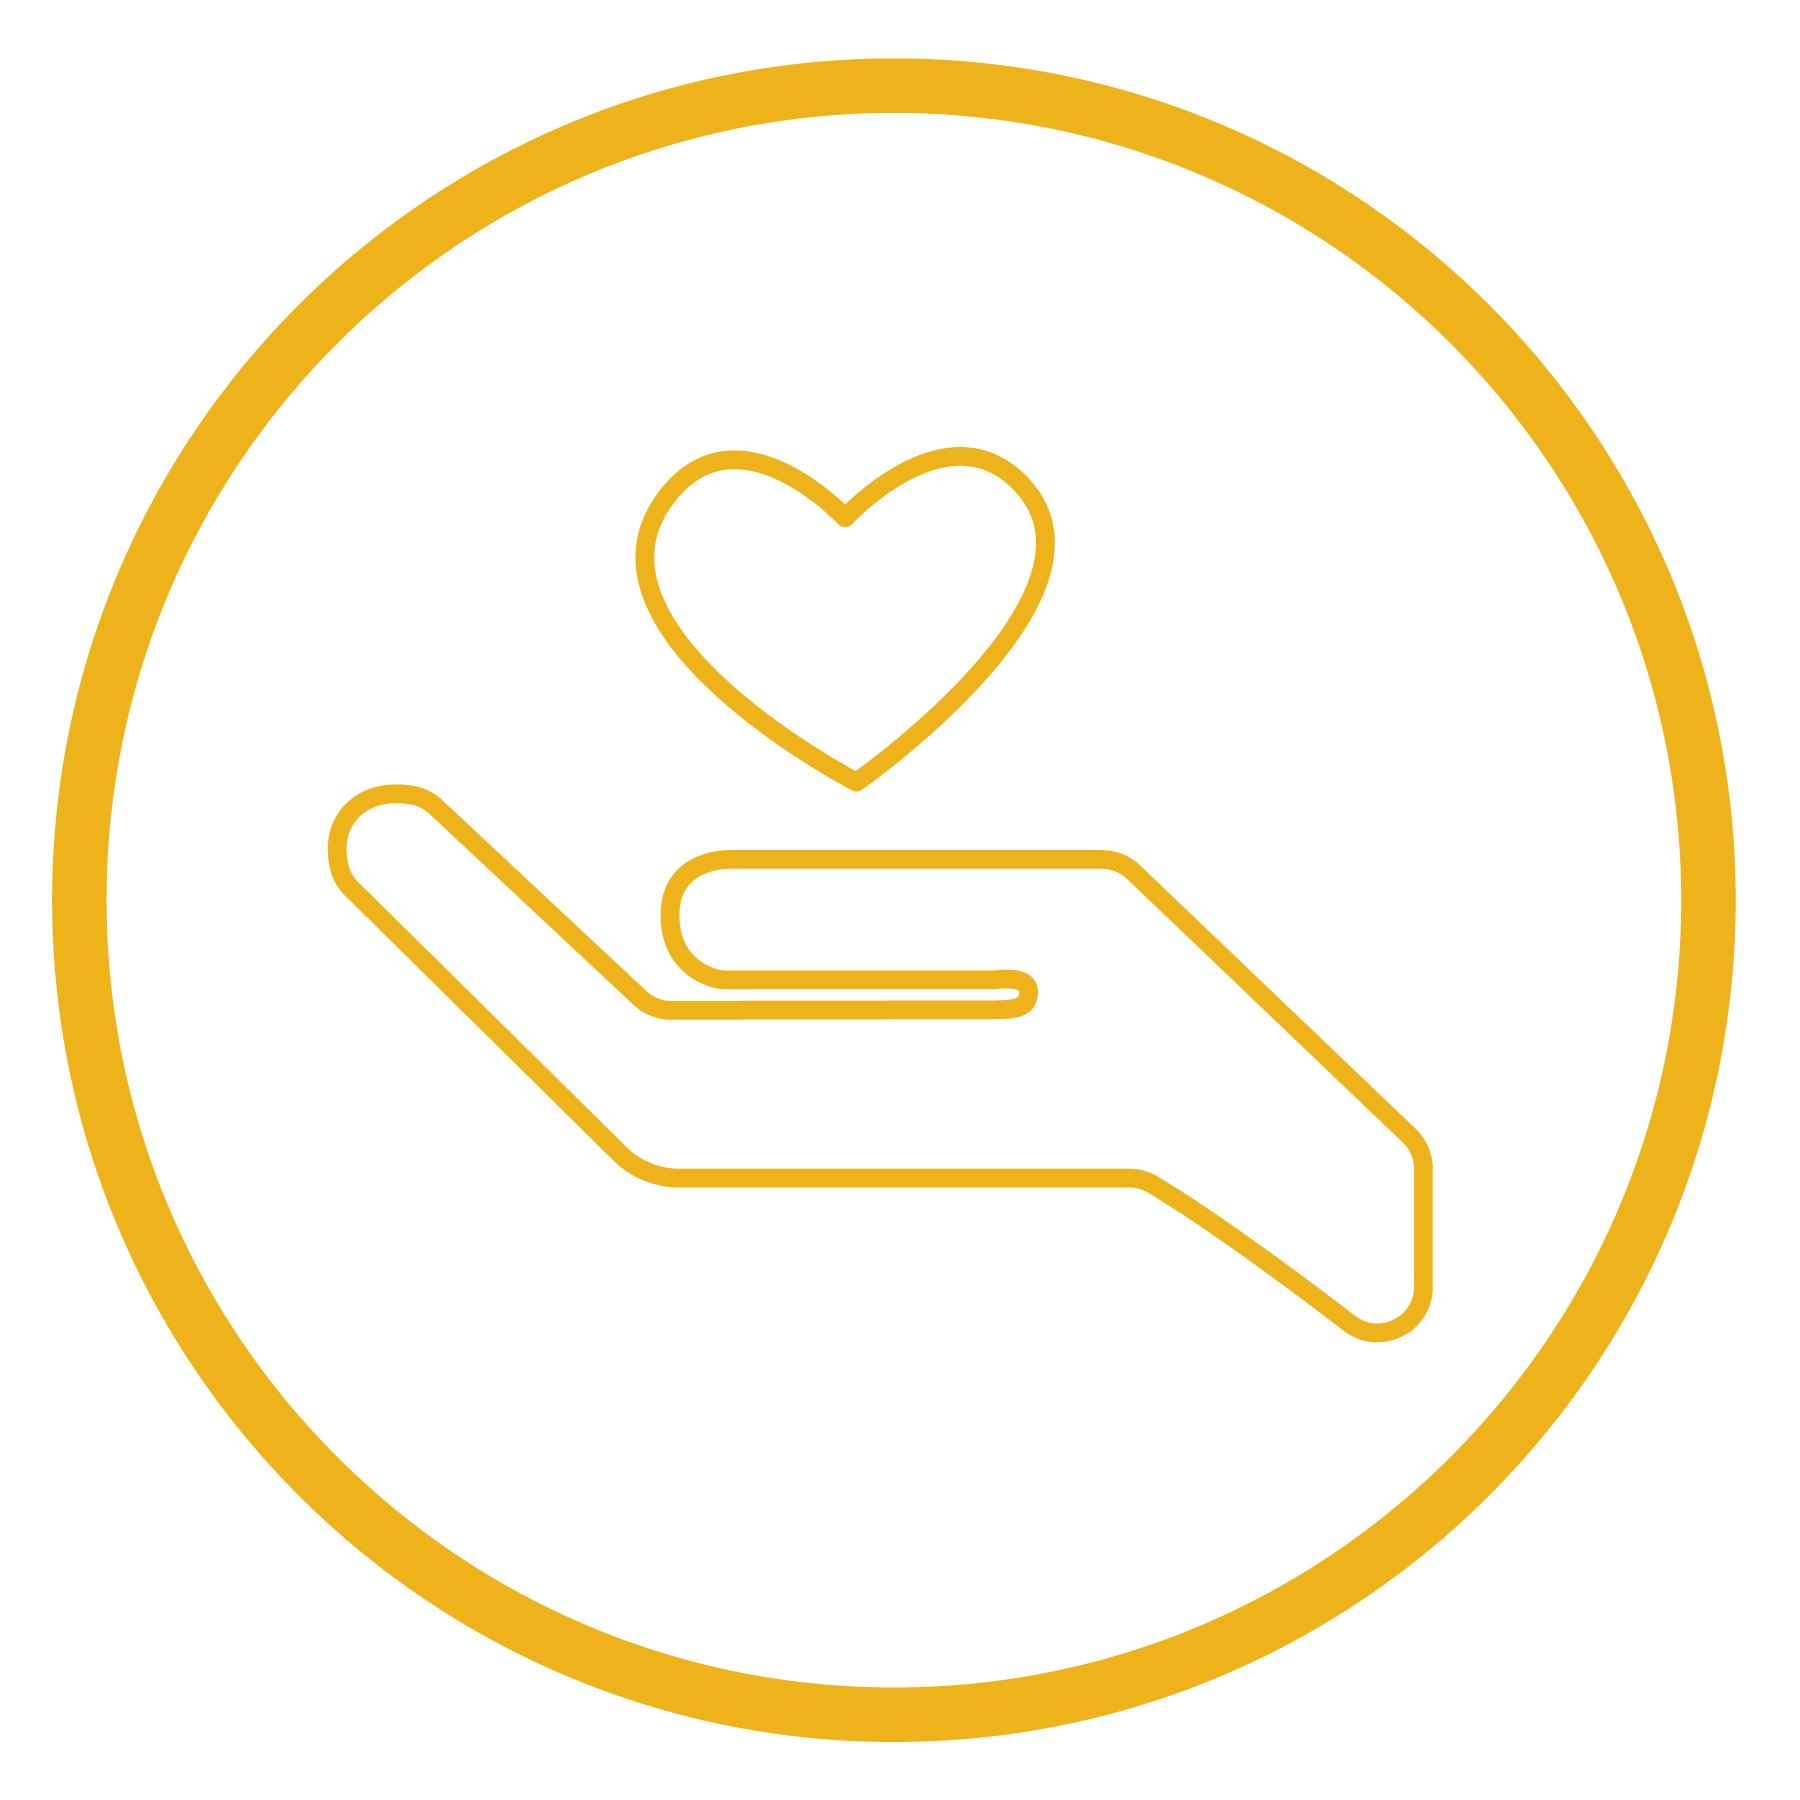 Child and Development Care icon